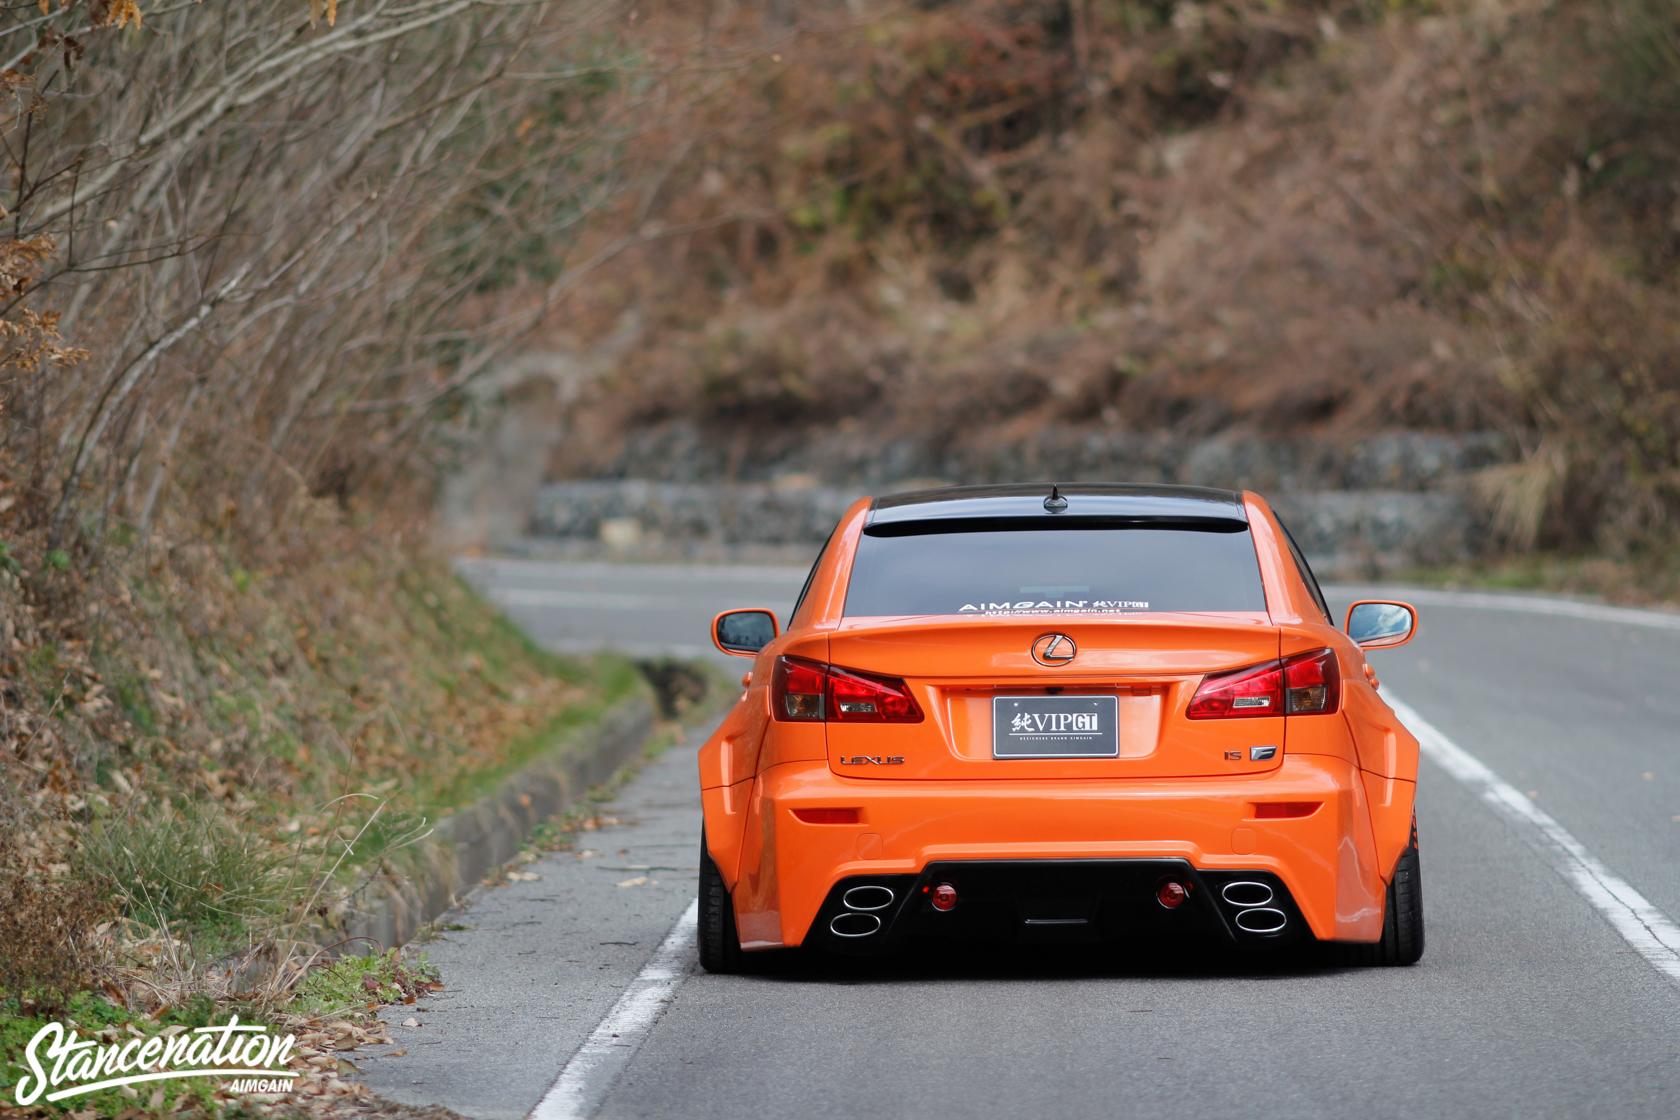 [Image: Aimgain-Widebody-Lexus-ISF-31.jpg]